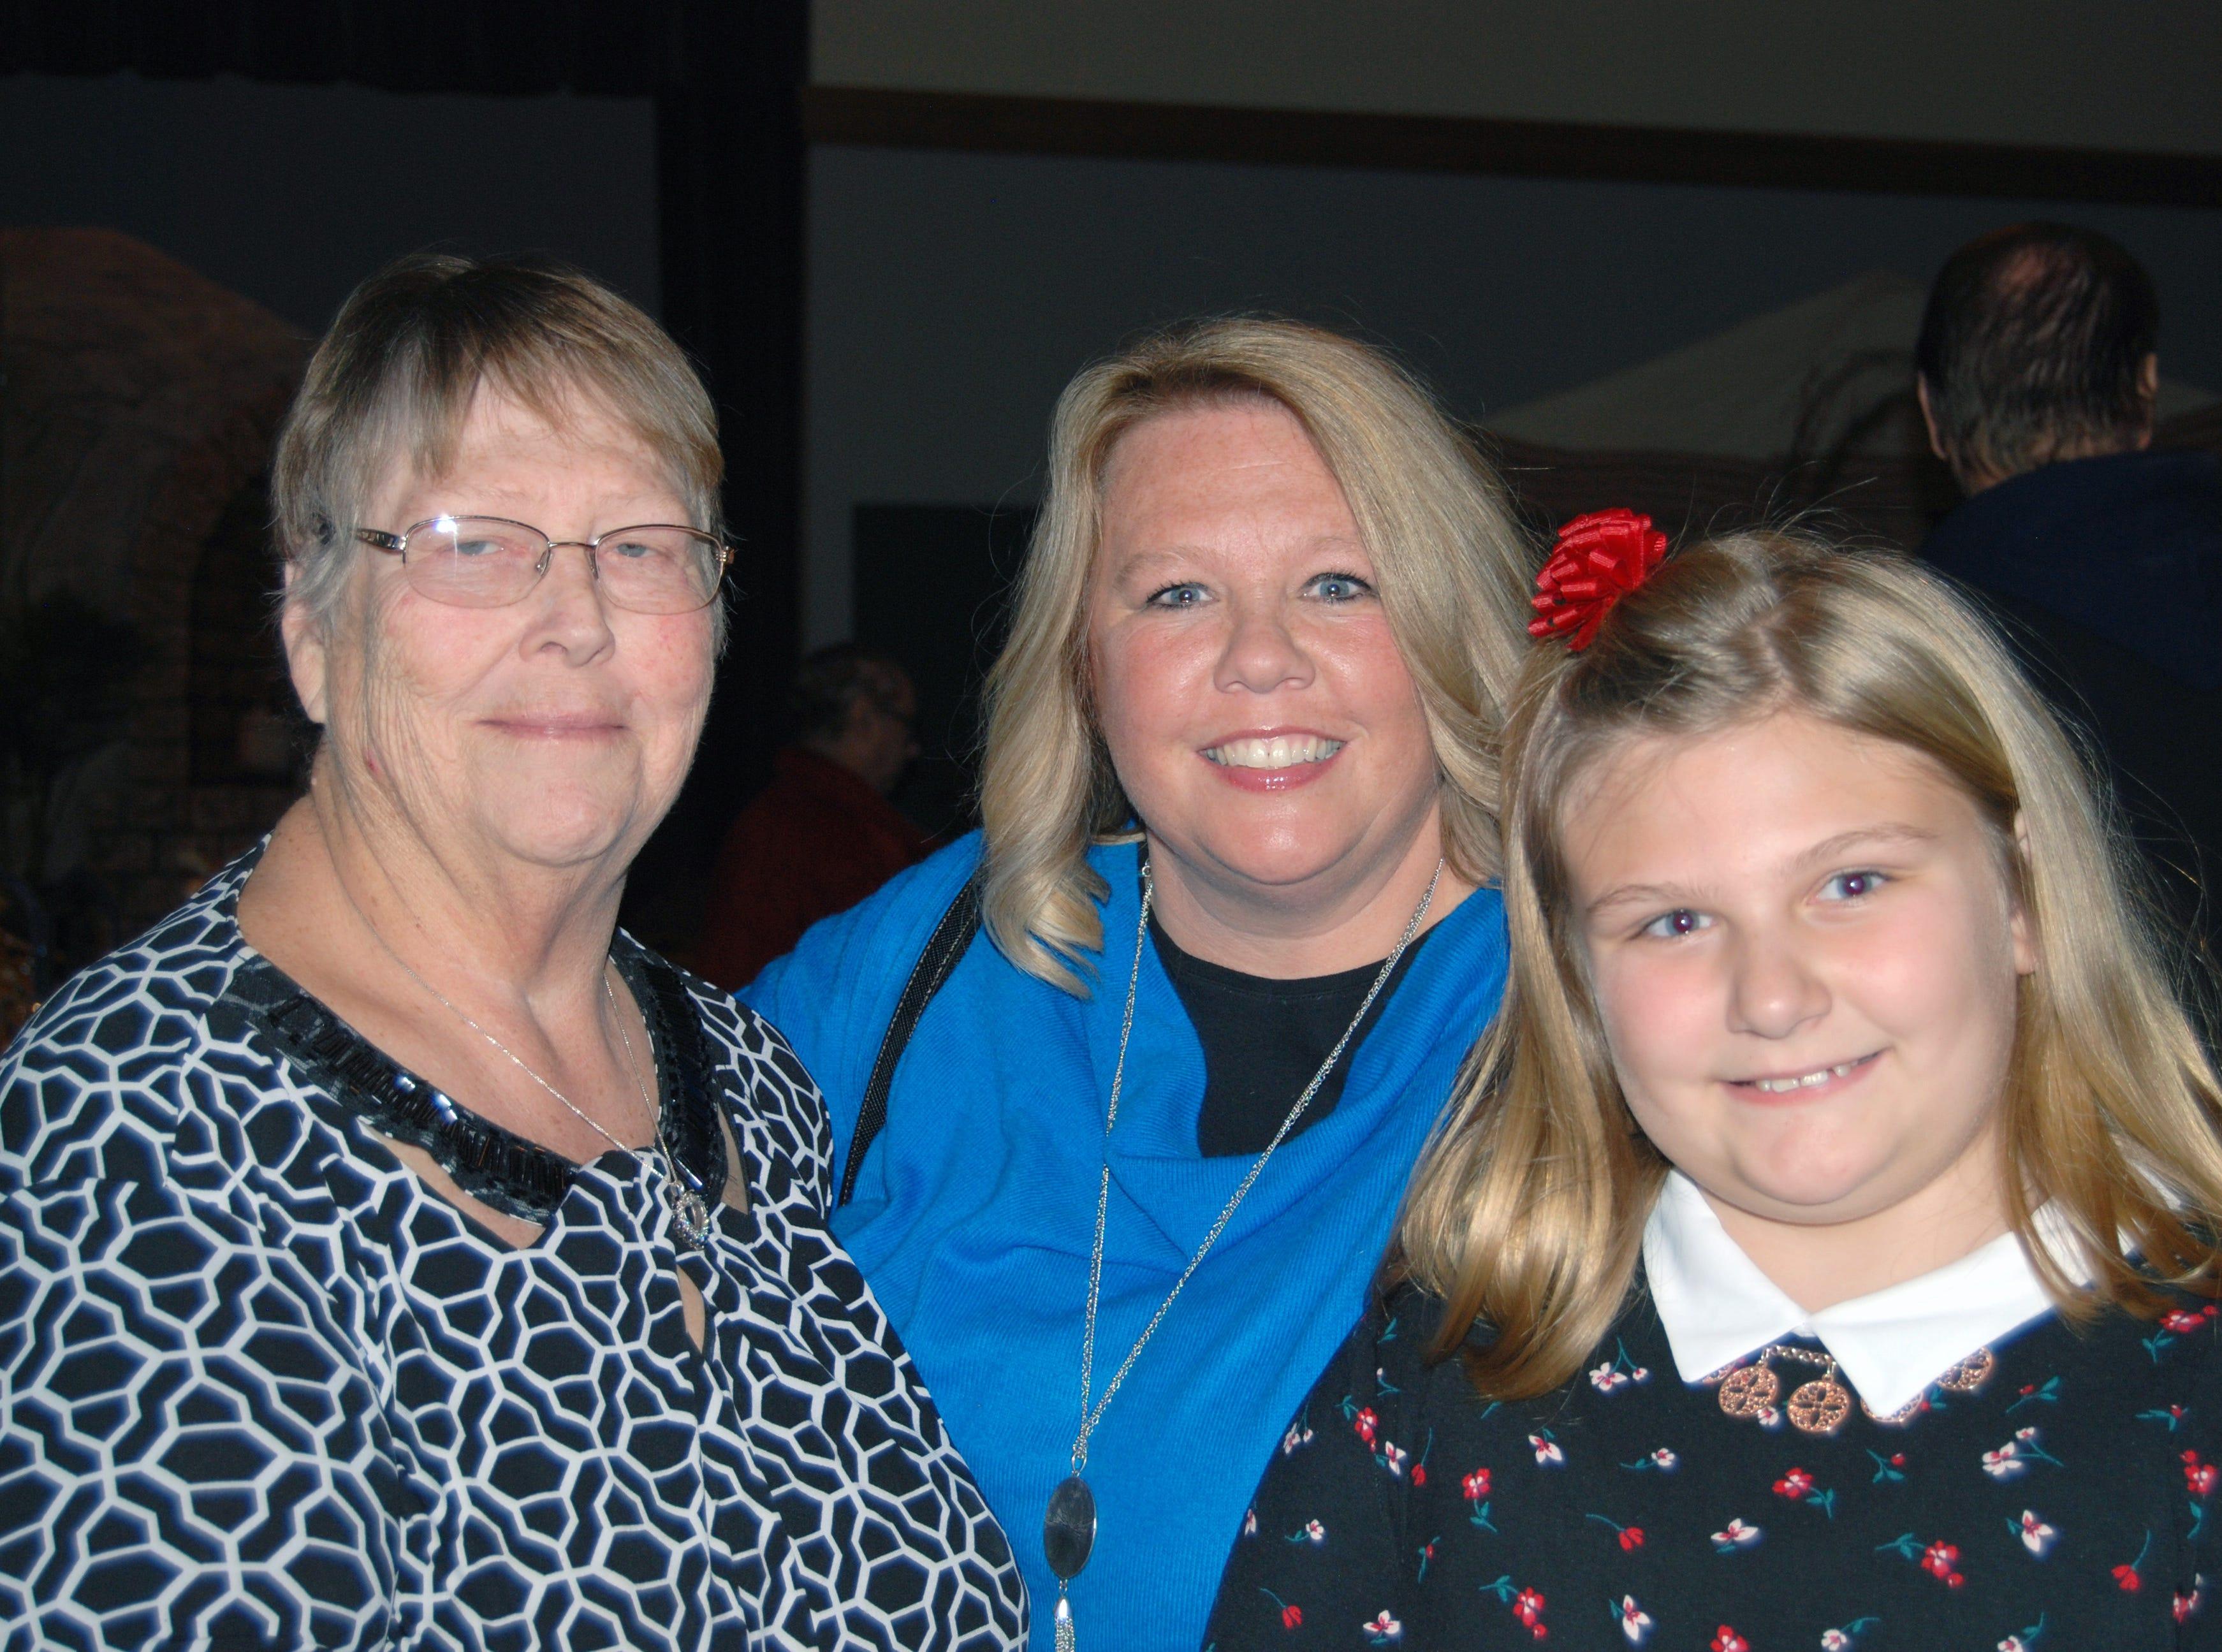 Lola Ice, Elizabeth and Adia Thompson